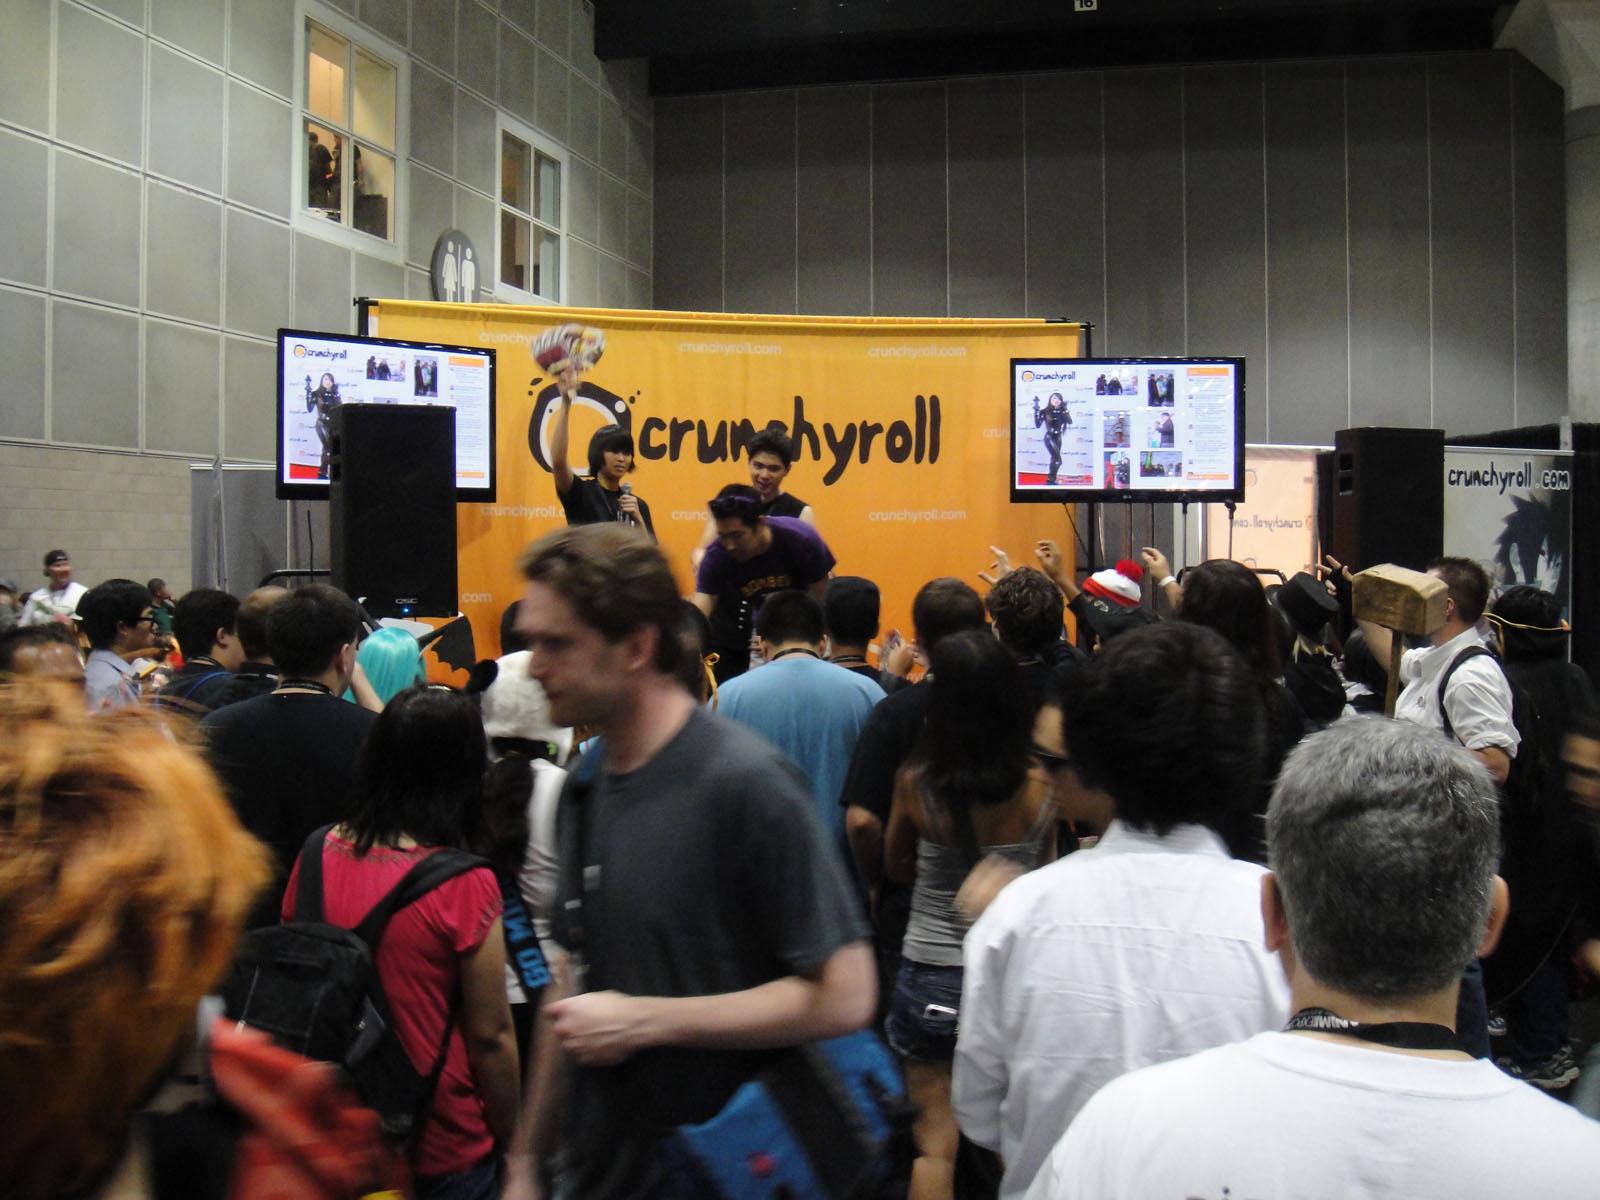 Crunchyroll anime expo coupon